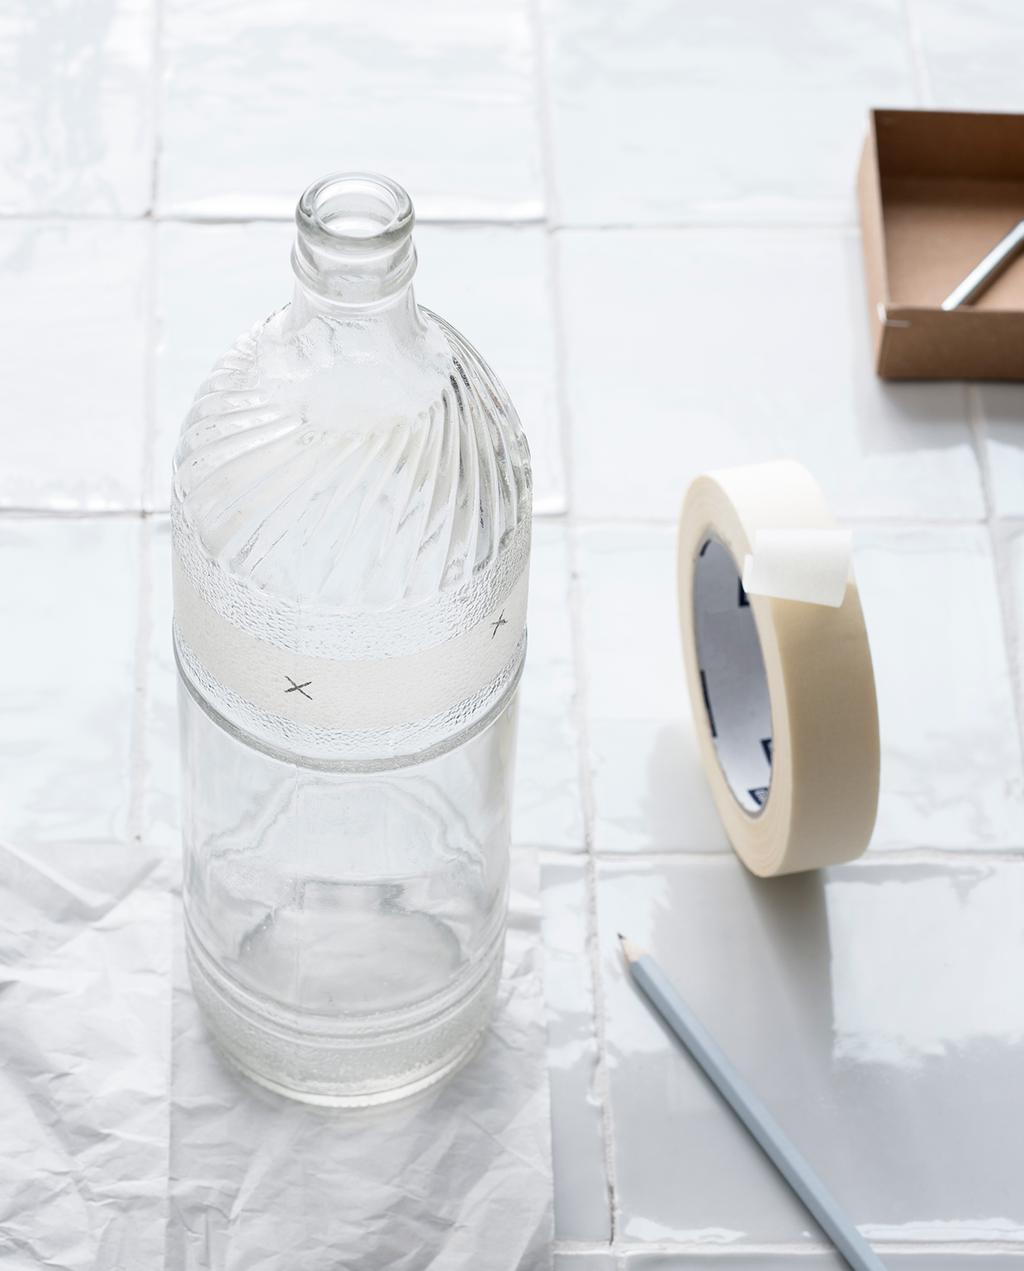 vtwonen 03-2021 | fles op tafel met tape